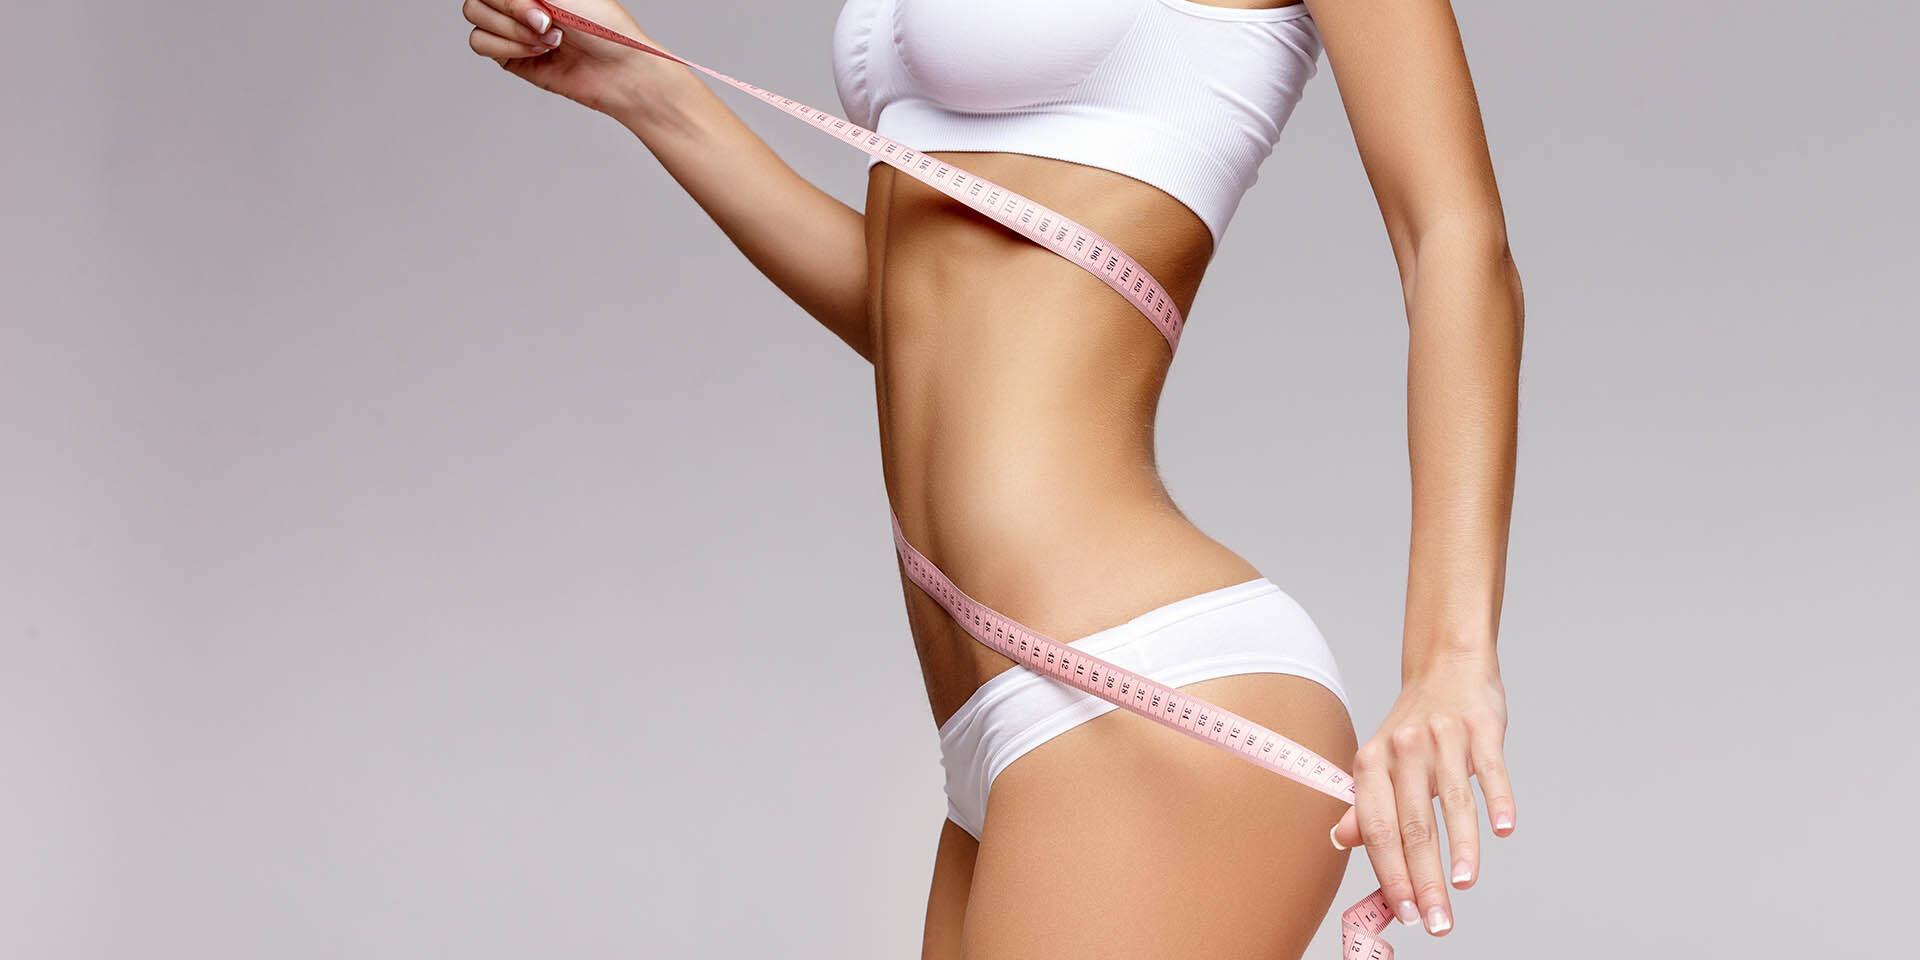 Masáže pre ženy špeciálnou metódou Vacupress